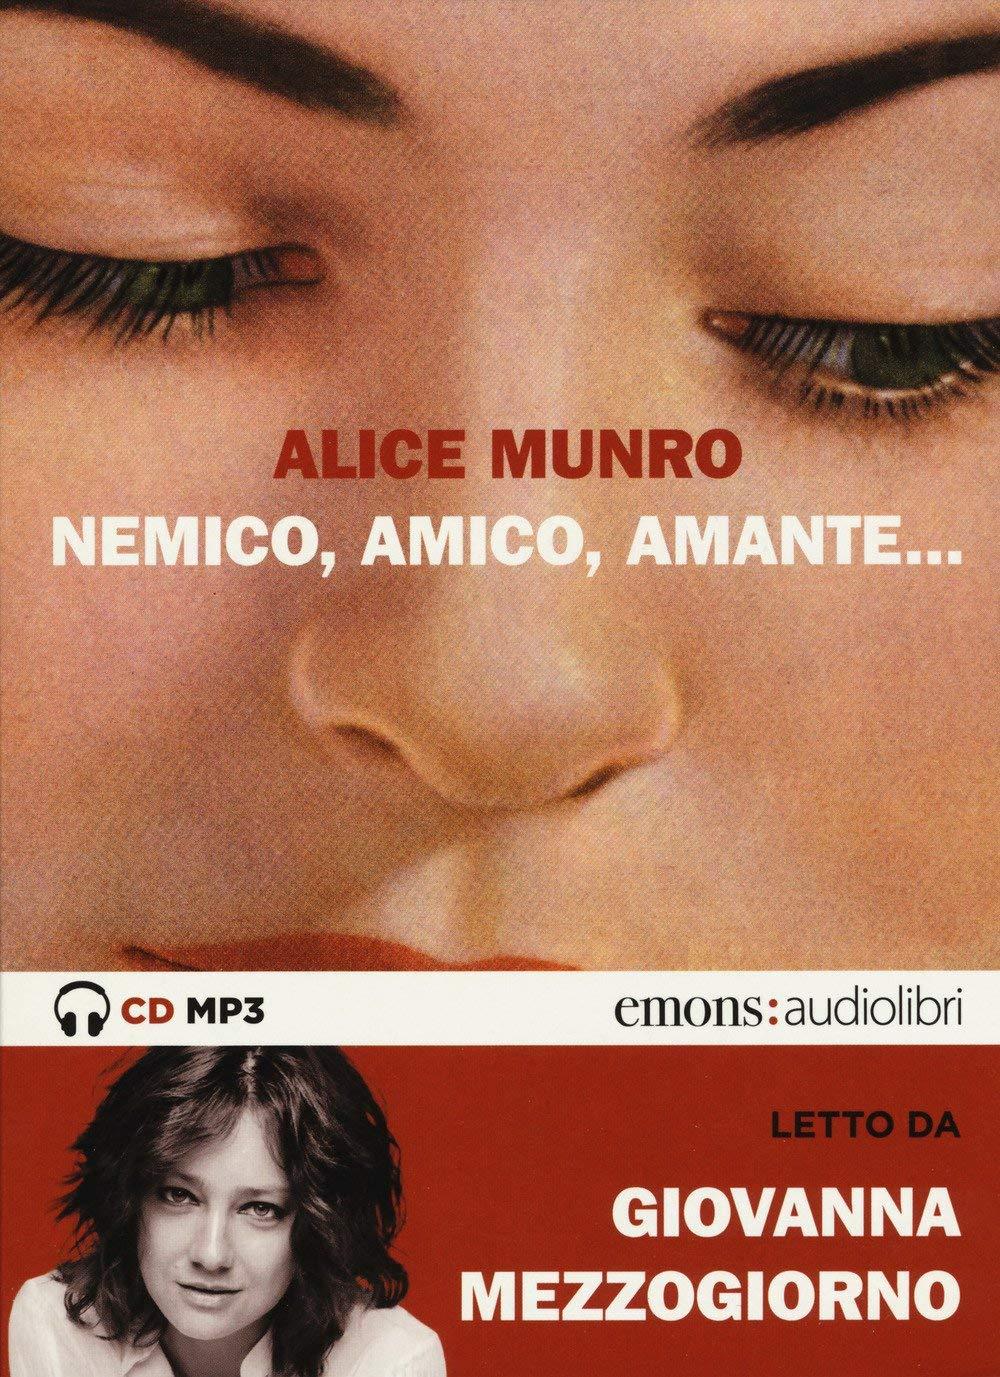 Audiolibro Alice Munro - Munro, Alice (Audiolibro) NUOVO SIGILLATO, EDIZIONE DEL 23/11/2017 SUBITO DISPONIBILE